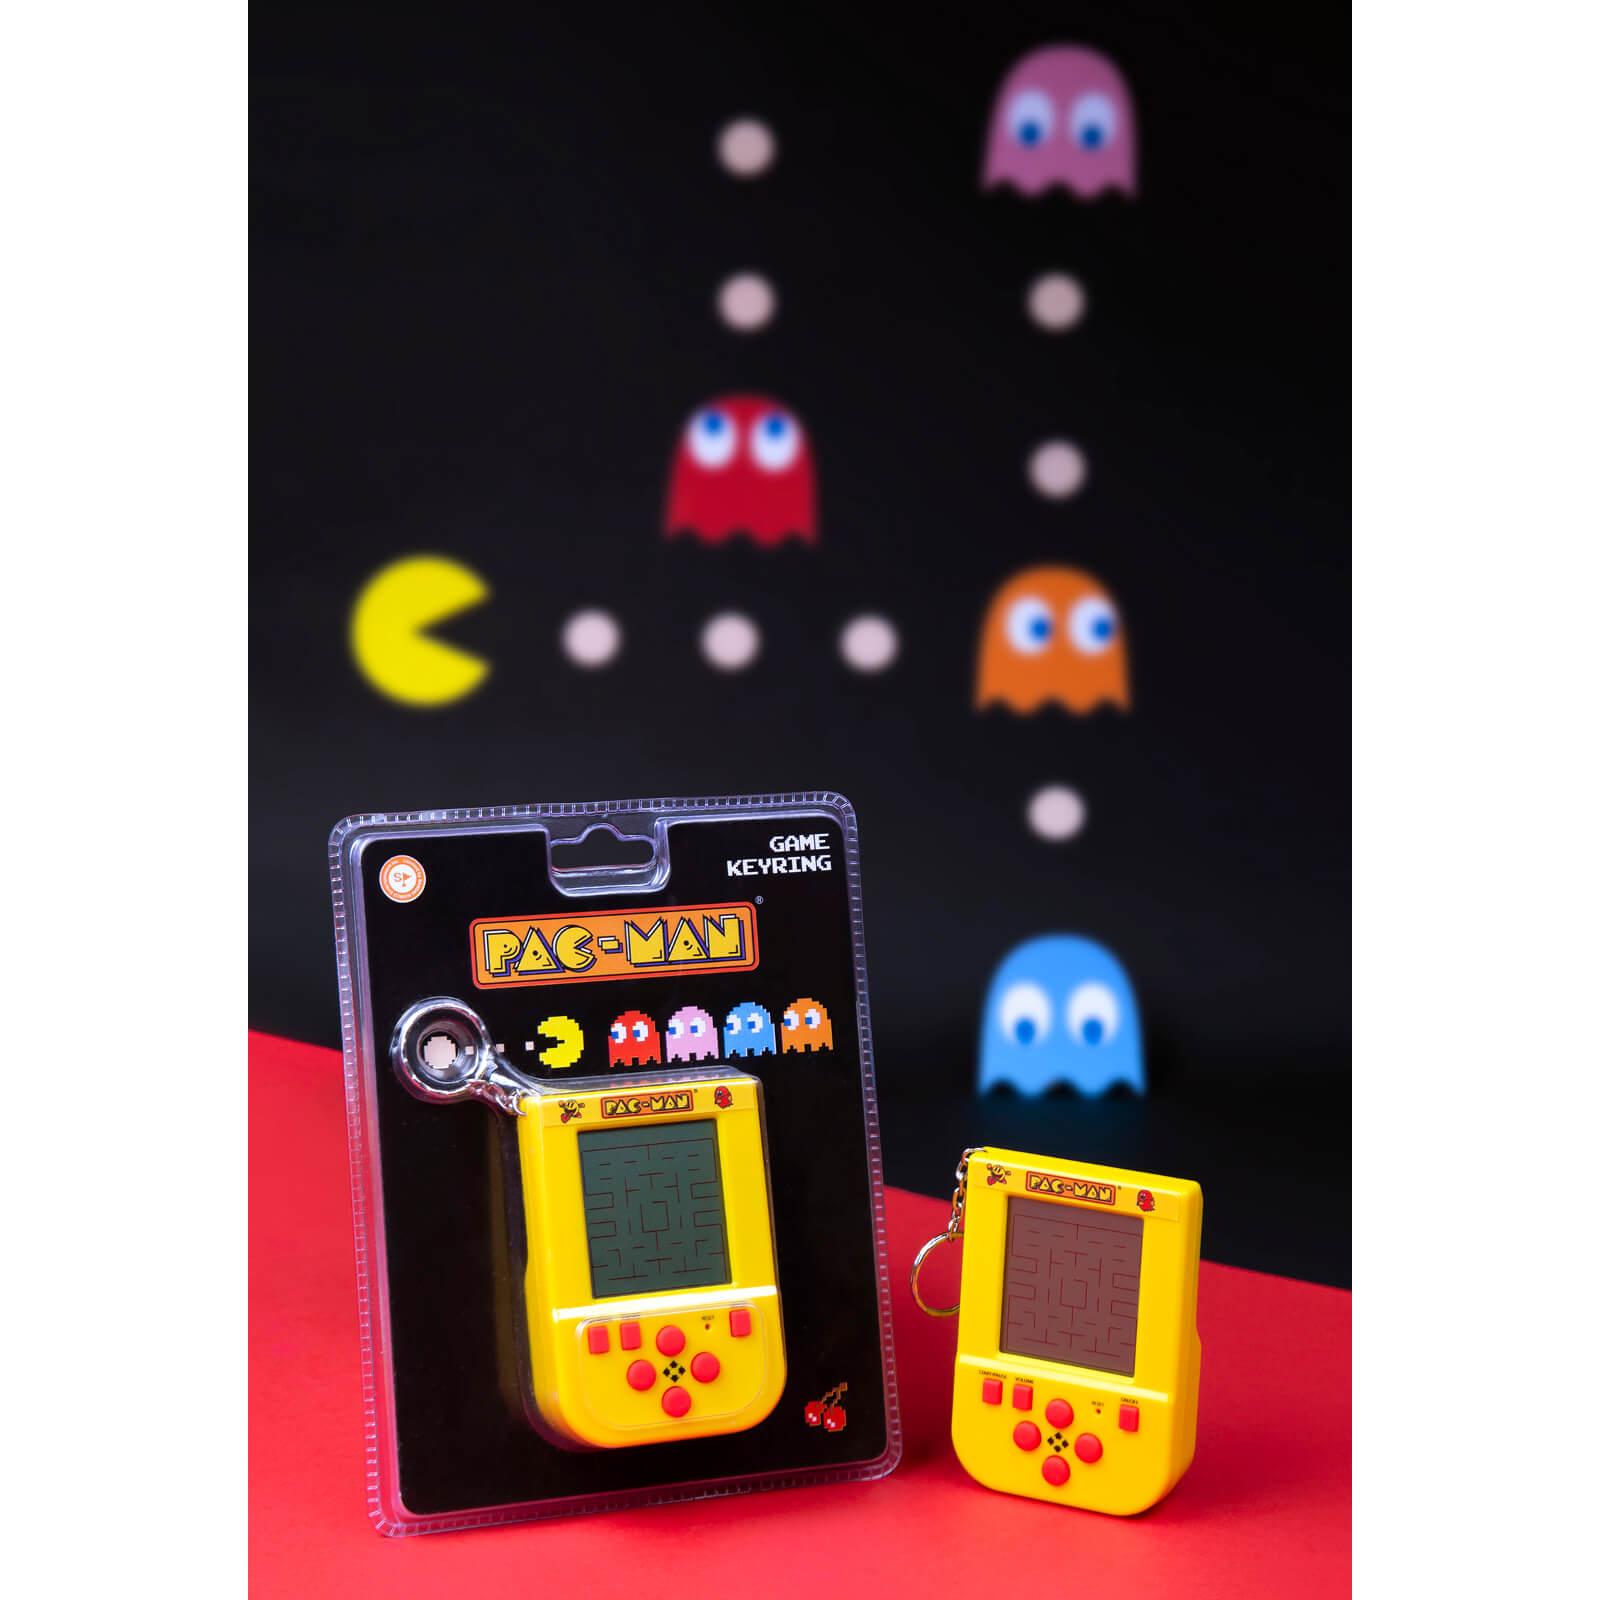 Image of Pacman Game Keyring